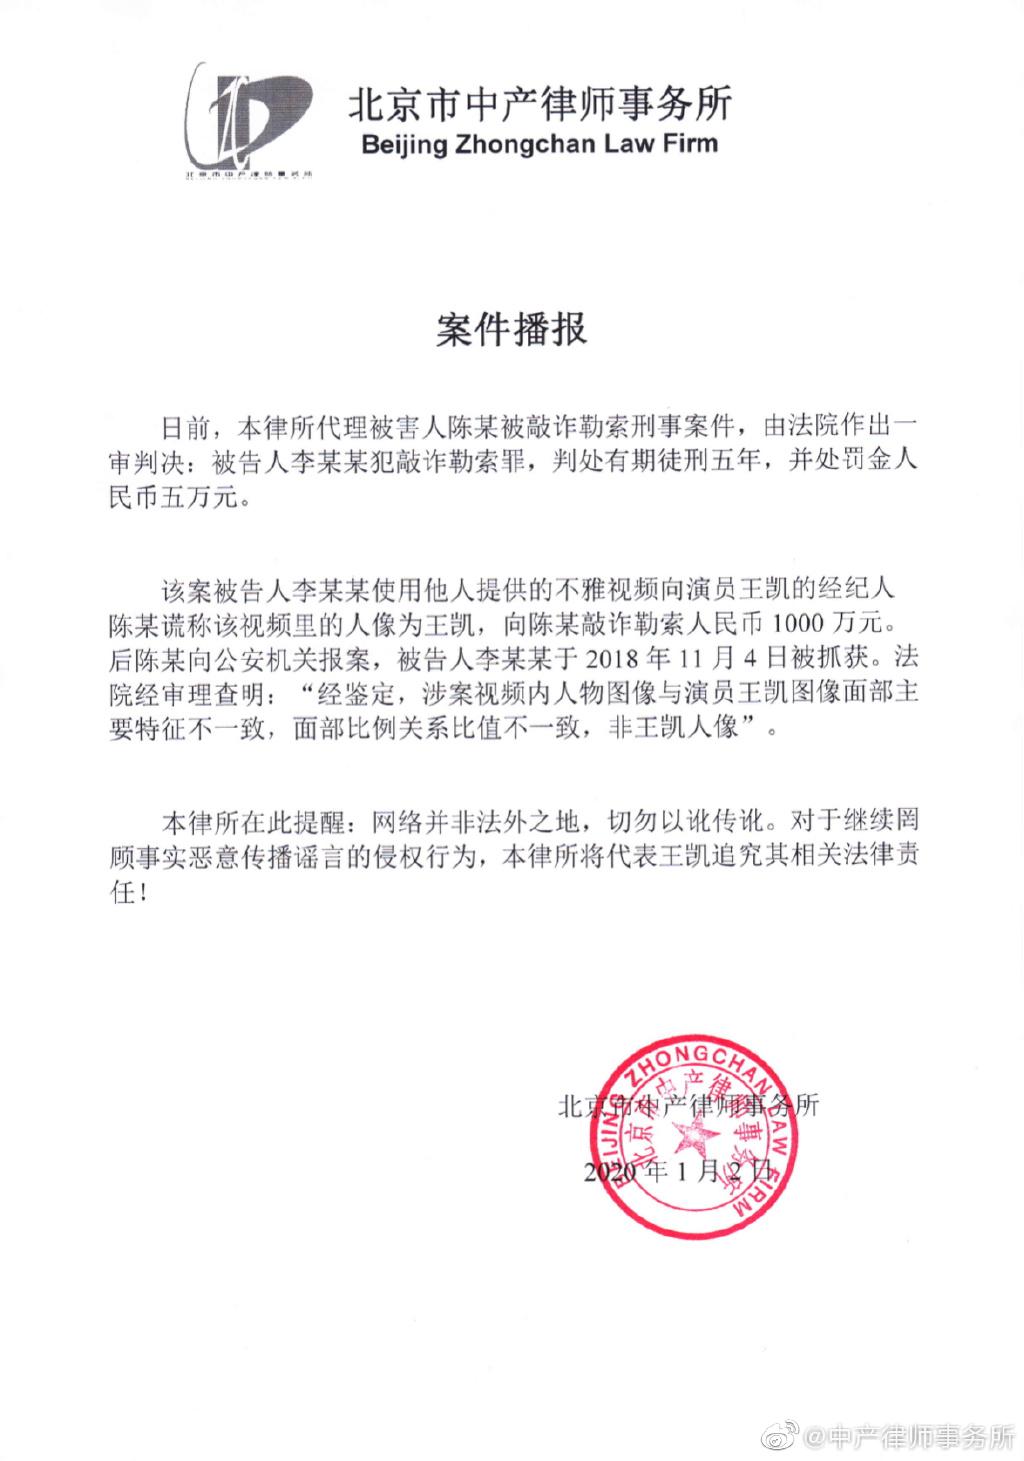 wang kai wins extortion case